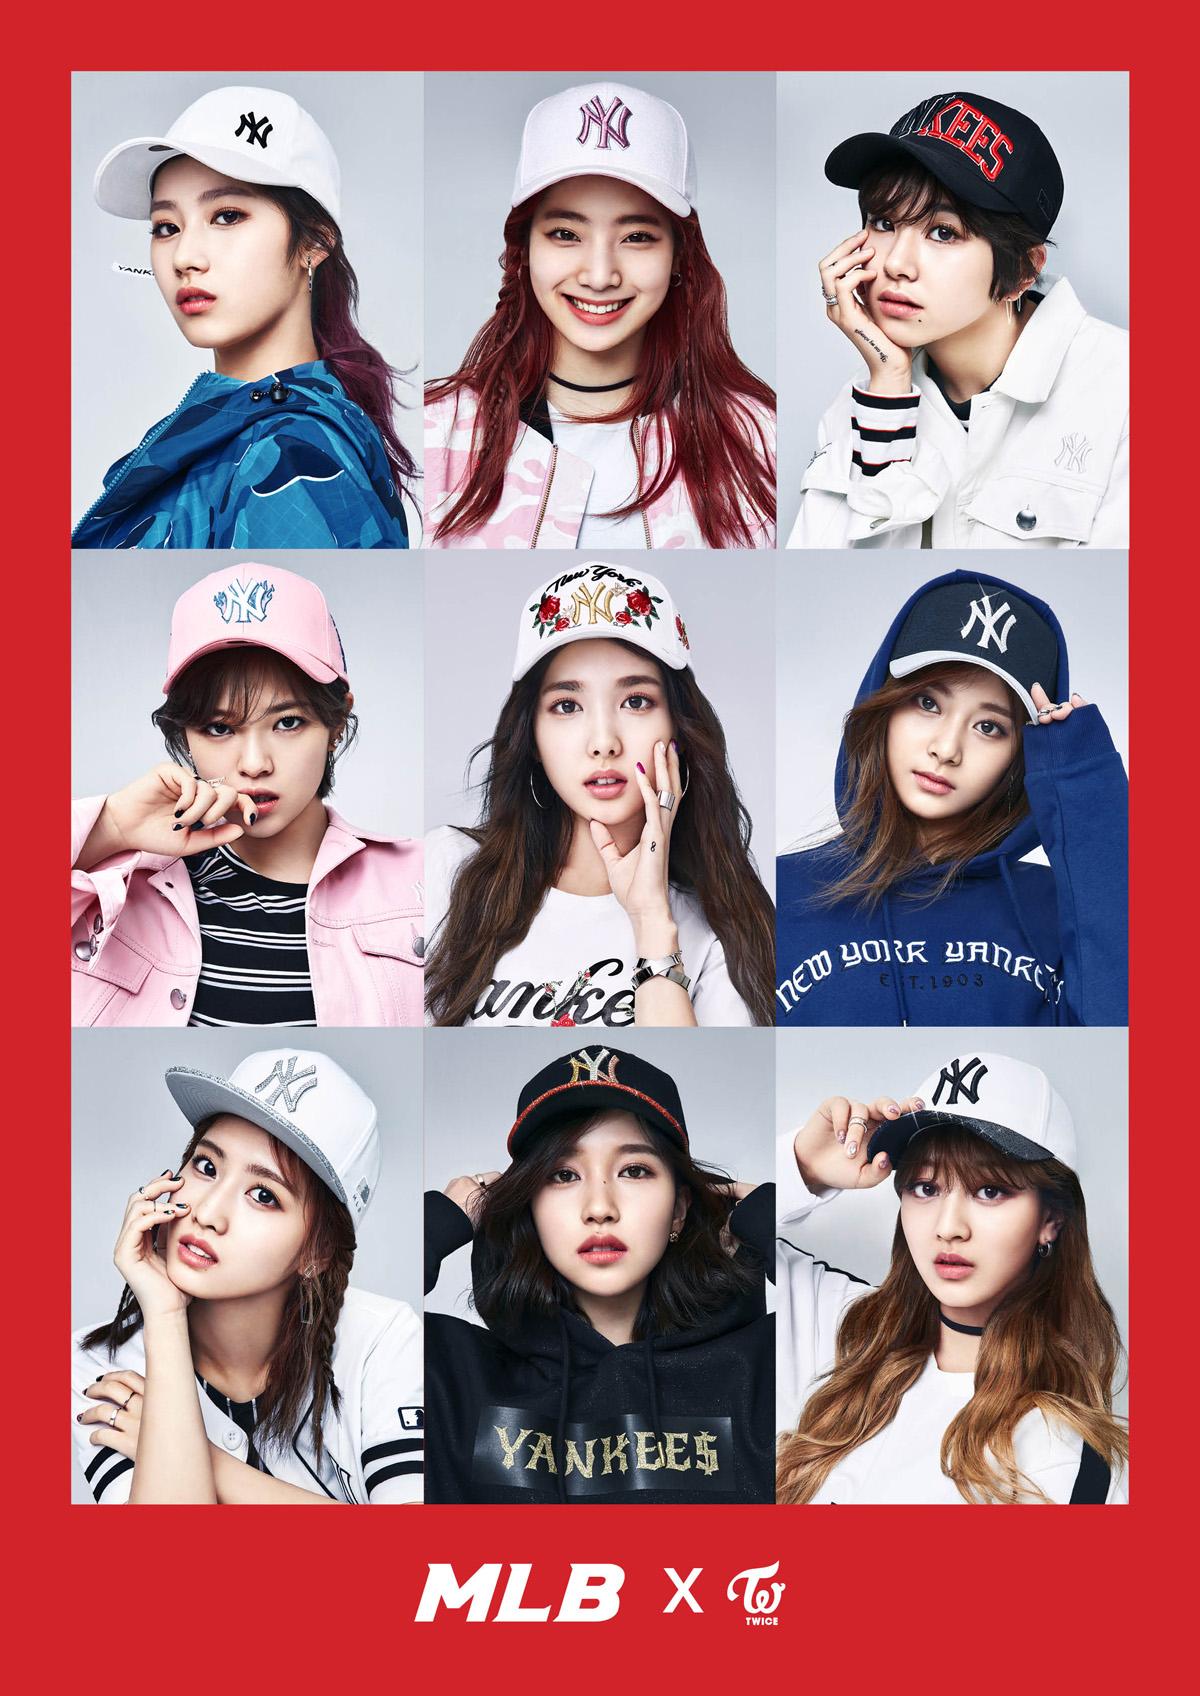 Đây chính là 3 nhóm nhạc Hàn Quốc đang được làm gương mặt thương hiệu của các hãng nhất thời gian qua - Ảnh 3.